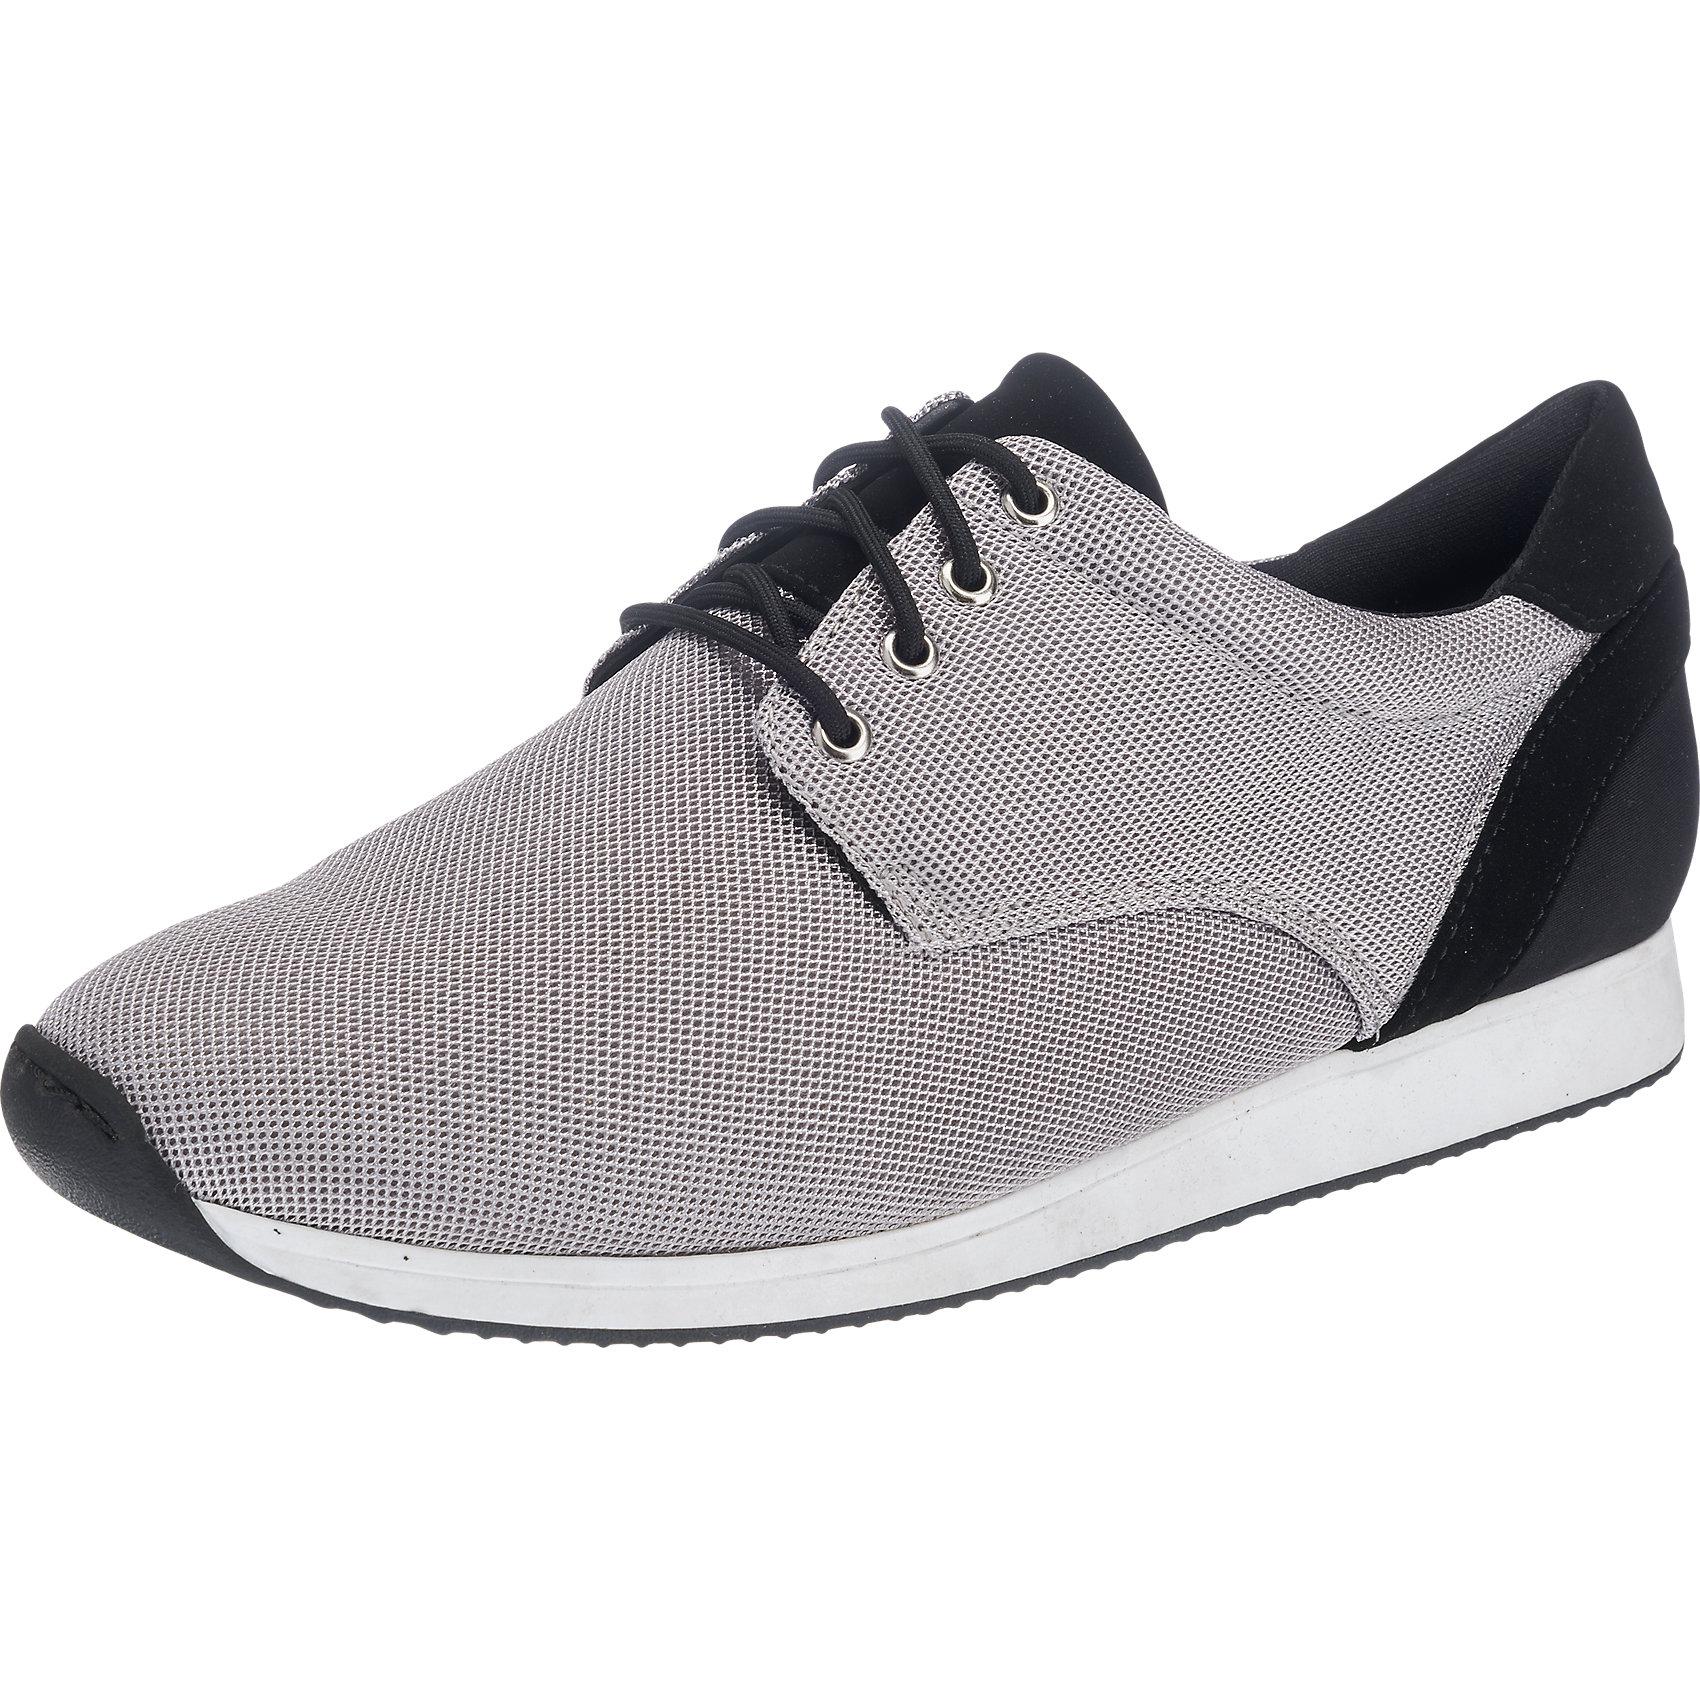 outlet store 919d0 99d74 Details zu Neu VAGABOND Kasai Sneakers grau 5766886